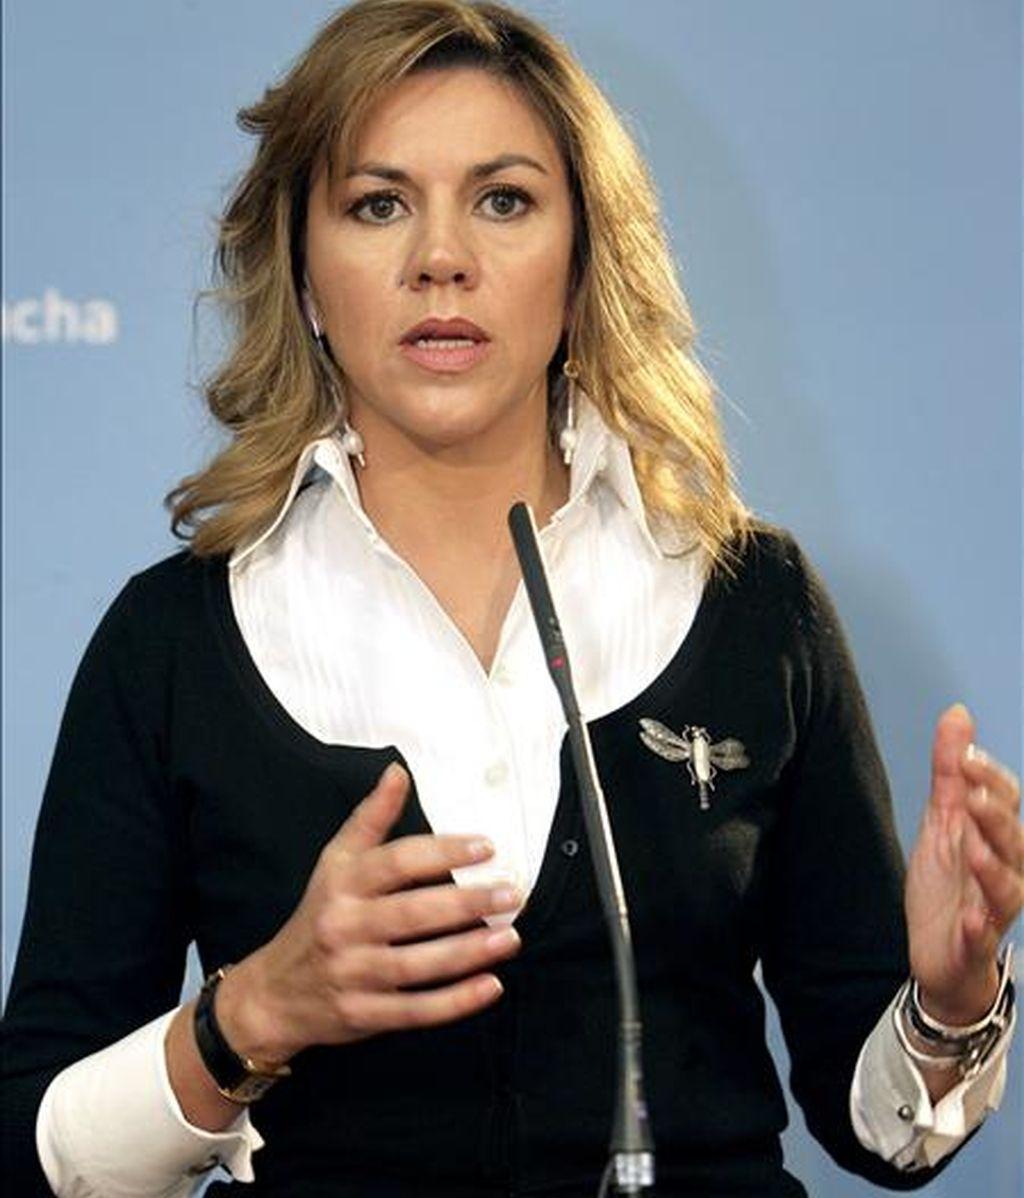 La secretaria general del PP, María Dolores de Cospedal, ha negado que su partido vaya a pedir la nulidad del caso Gürtel amparándose en la supuesta mala utilización del sistema de interceptación de comunicaciones SITEL y ha asegurado que ella es una de las afectadas por este sistema. EFE/Archivo